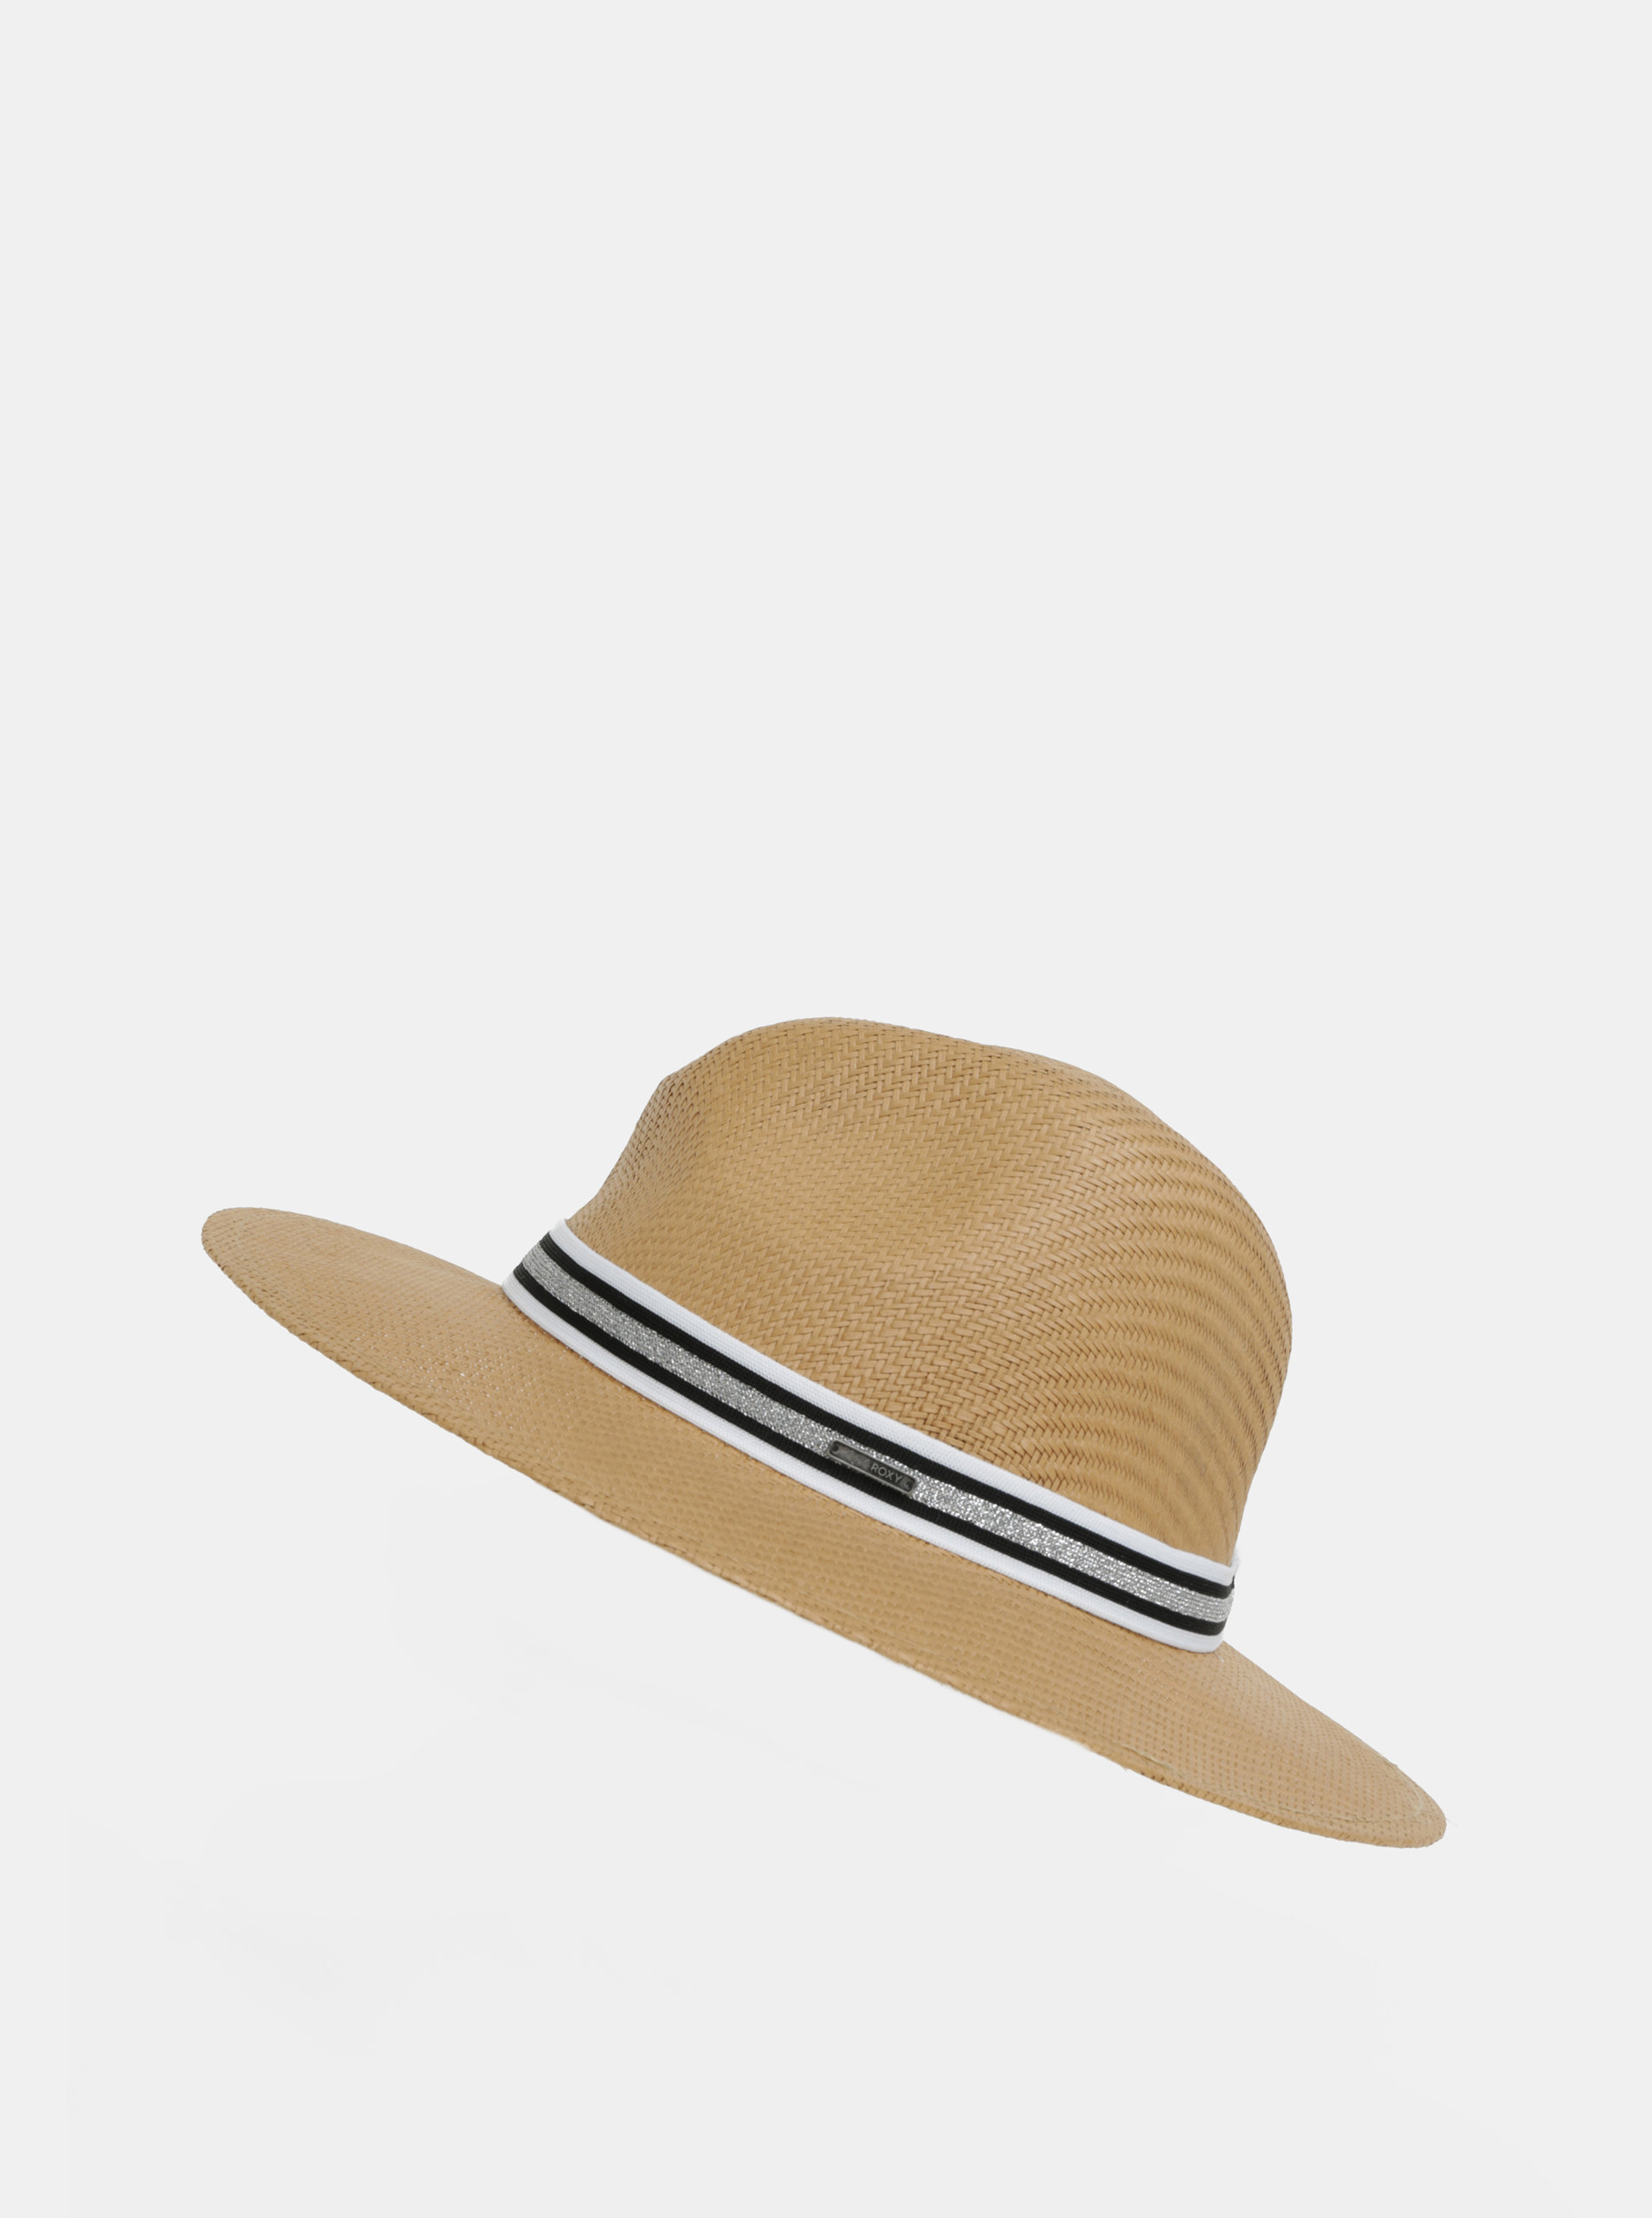 Hnědý dámský klobouk se stuhou Roxy Here We Go ... fcd9454da2